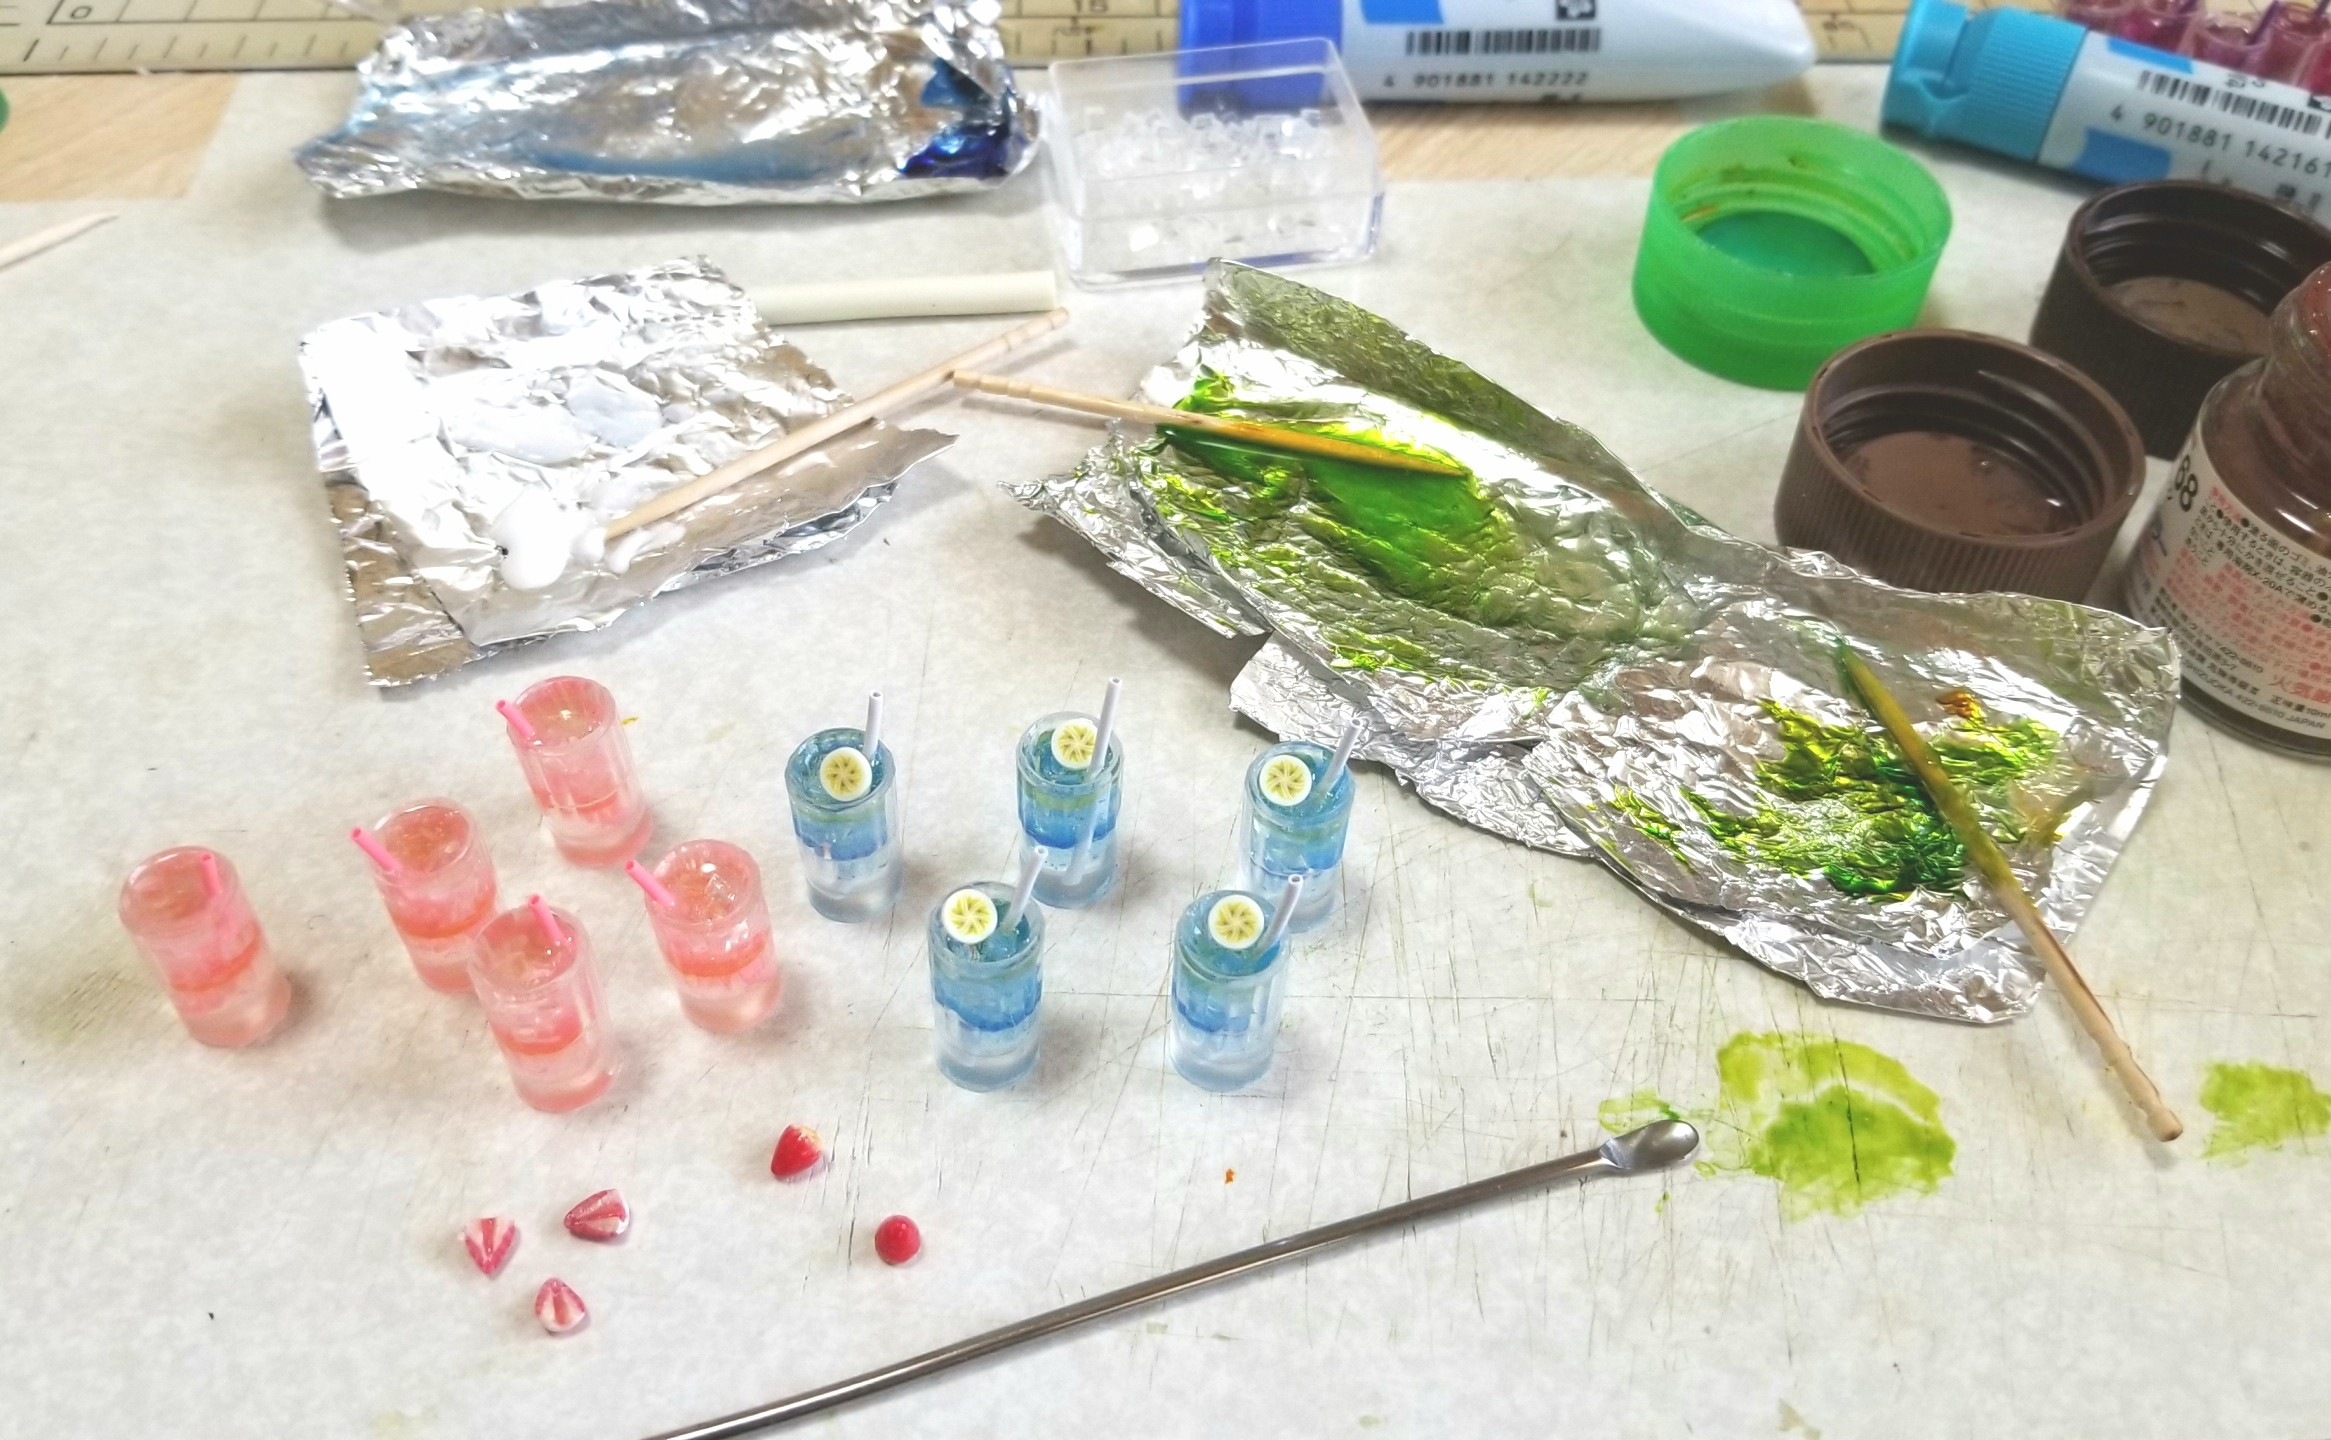 ミニチュア飲み物,ジュース,作り方,材料や道具の使い方,着色,ブログ